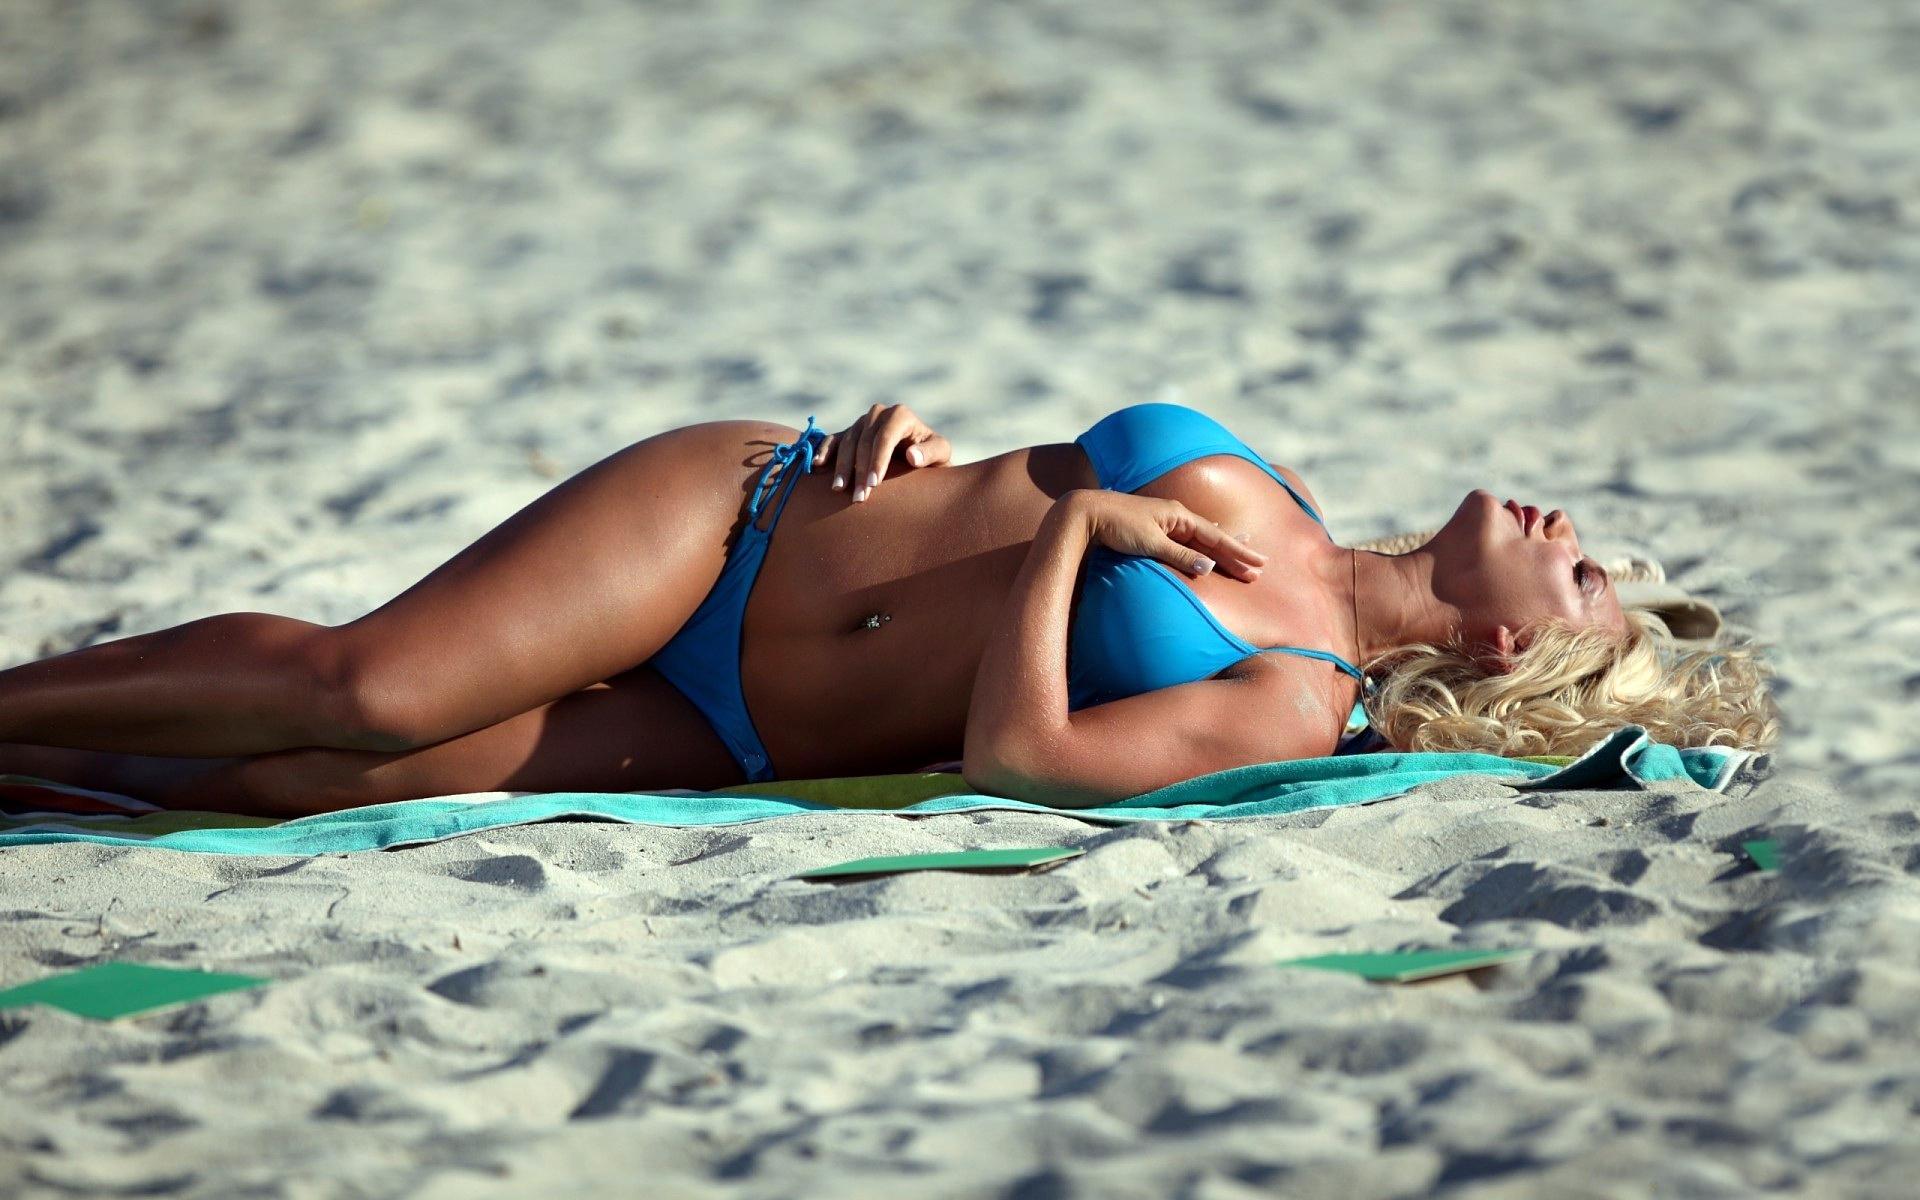 Девушки без купальников на общественном пляже классные фото